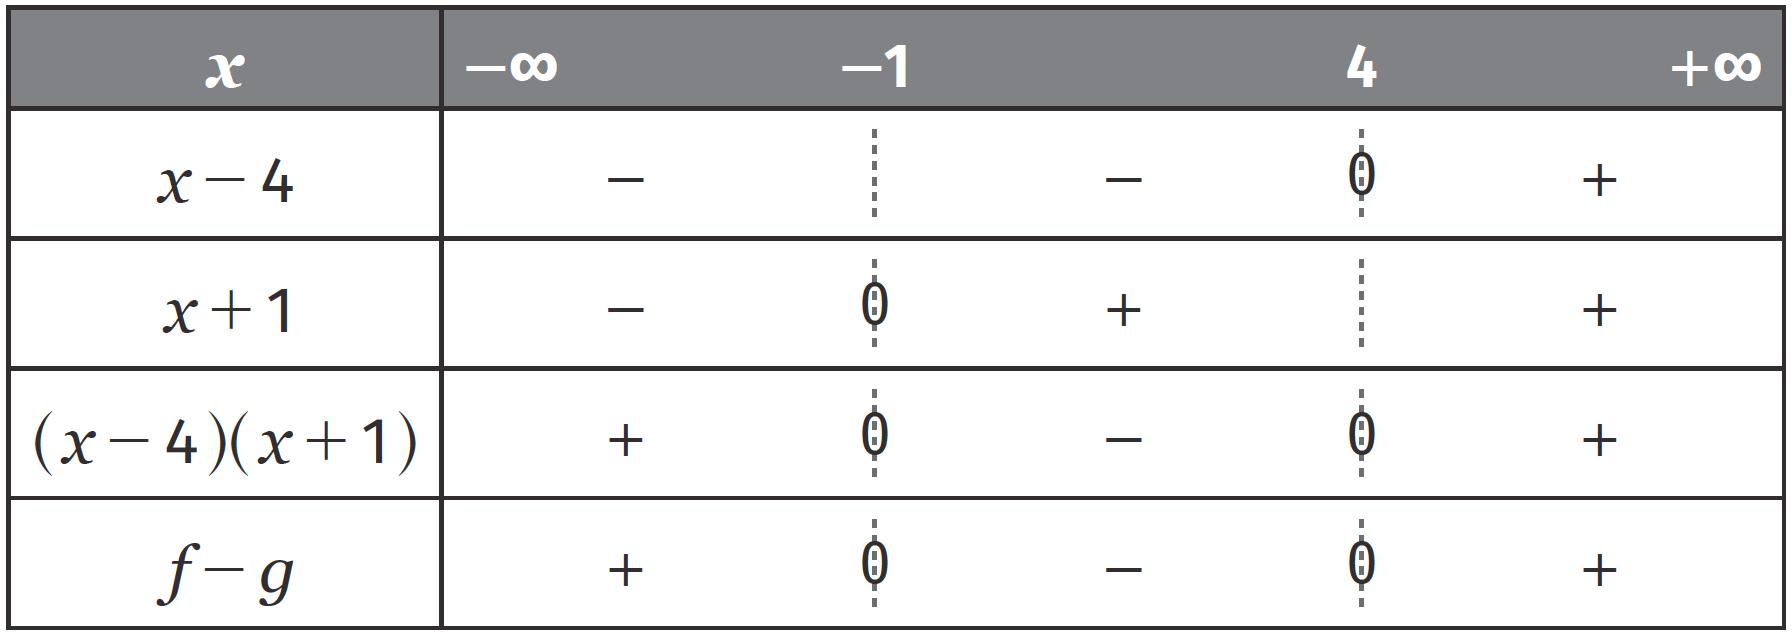 Étude des fonctions polynômes du second degré - Signe d'une fonction polynôme du second degré - Fonctions de références